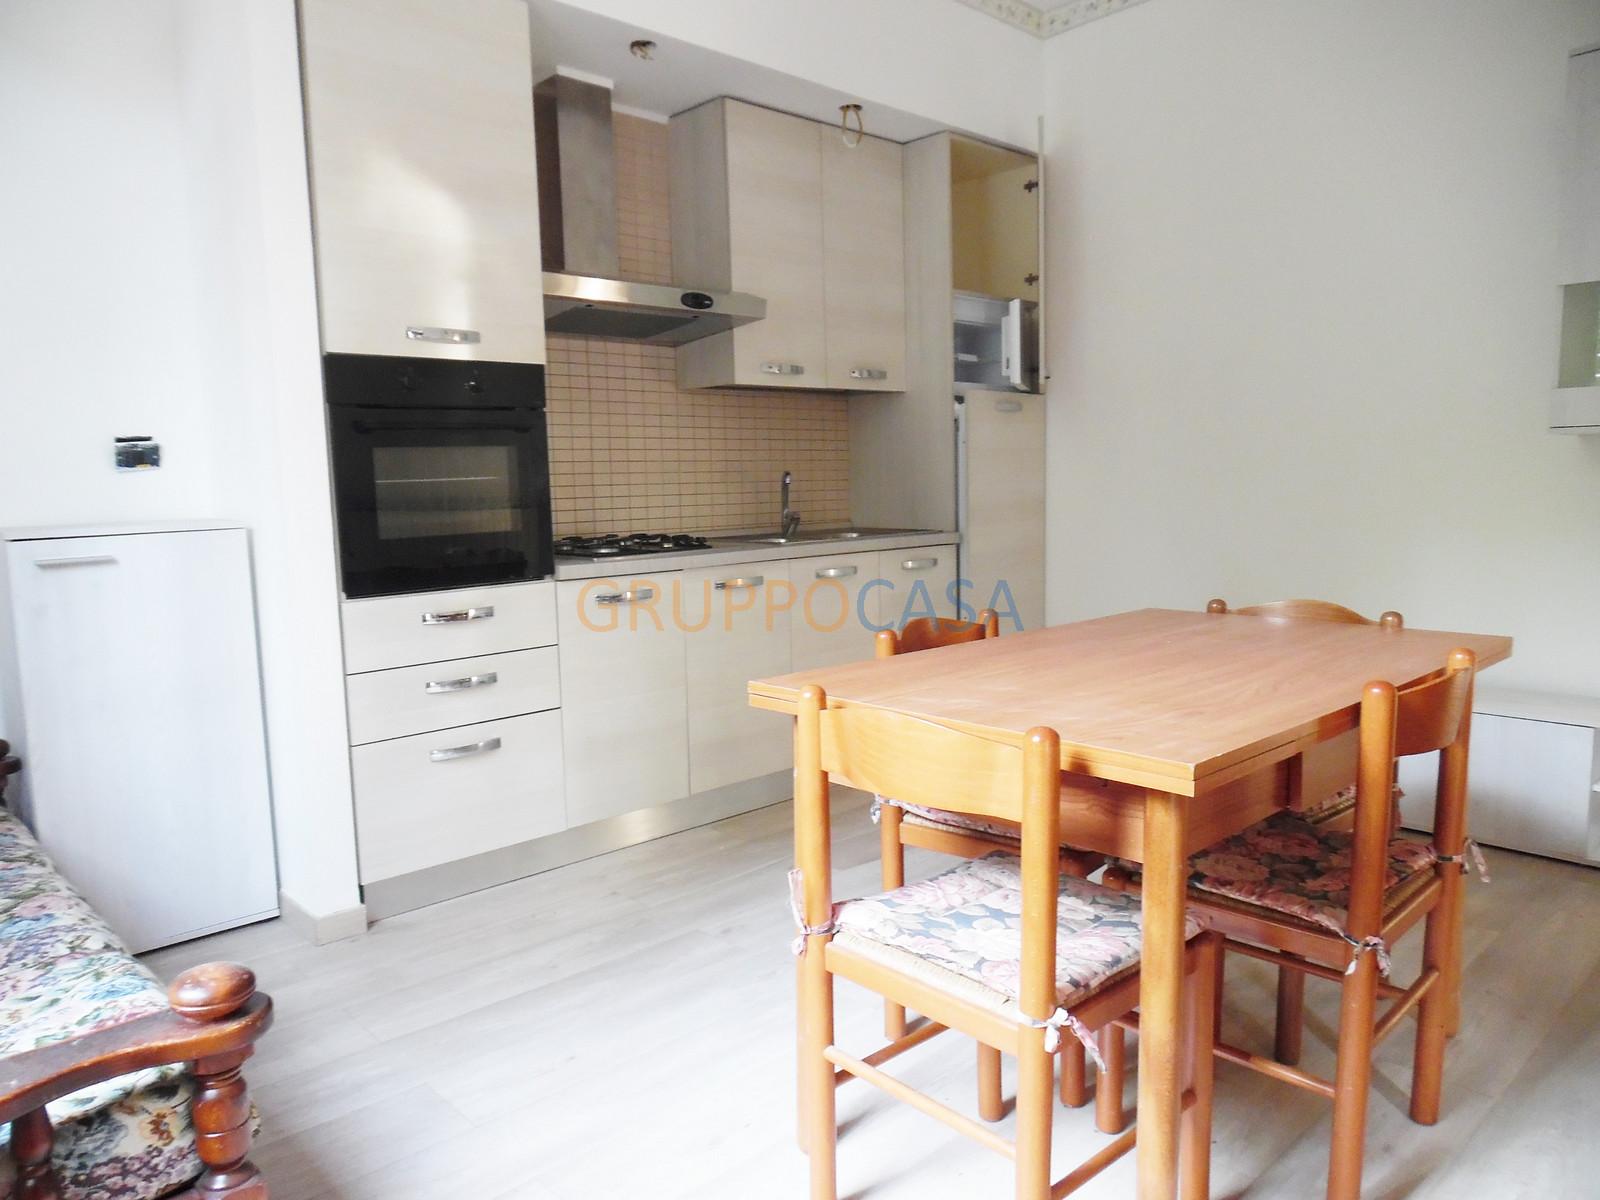 Appartamento in affitto a Altopascio, 2 locali, zona Località: Centro, prezzo € 450 | Cambio Casa.it